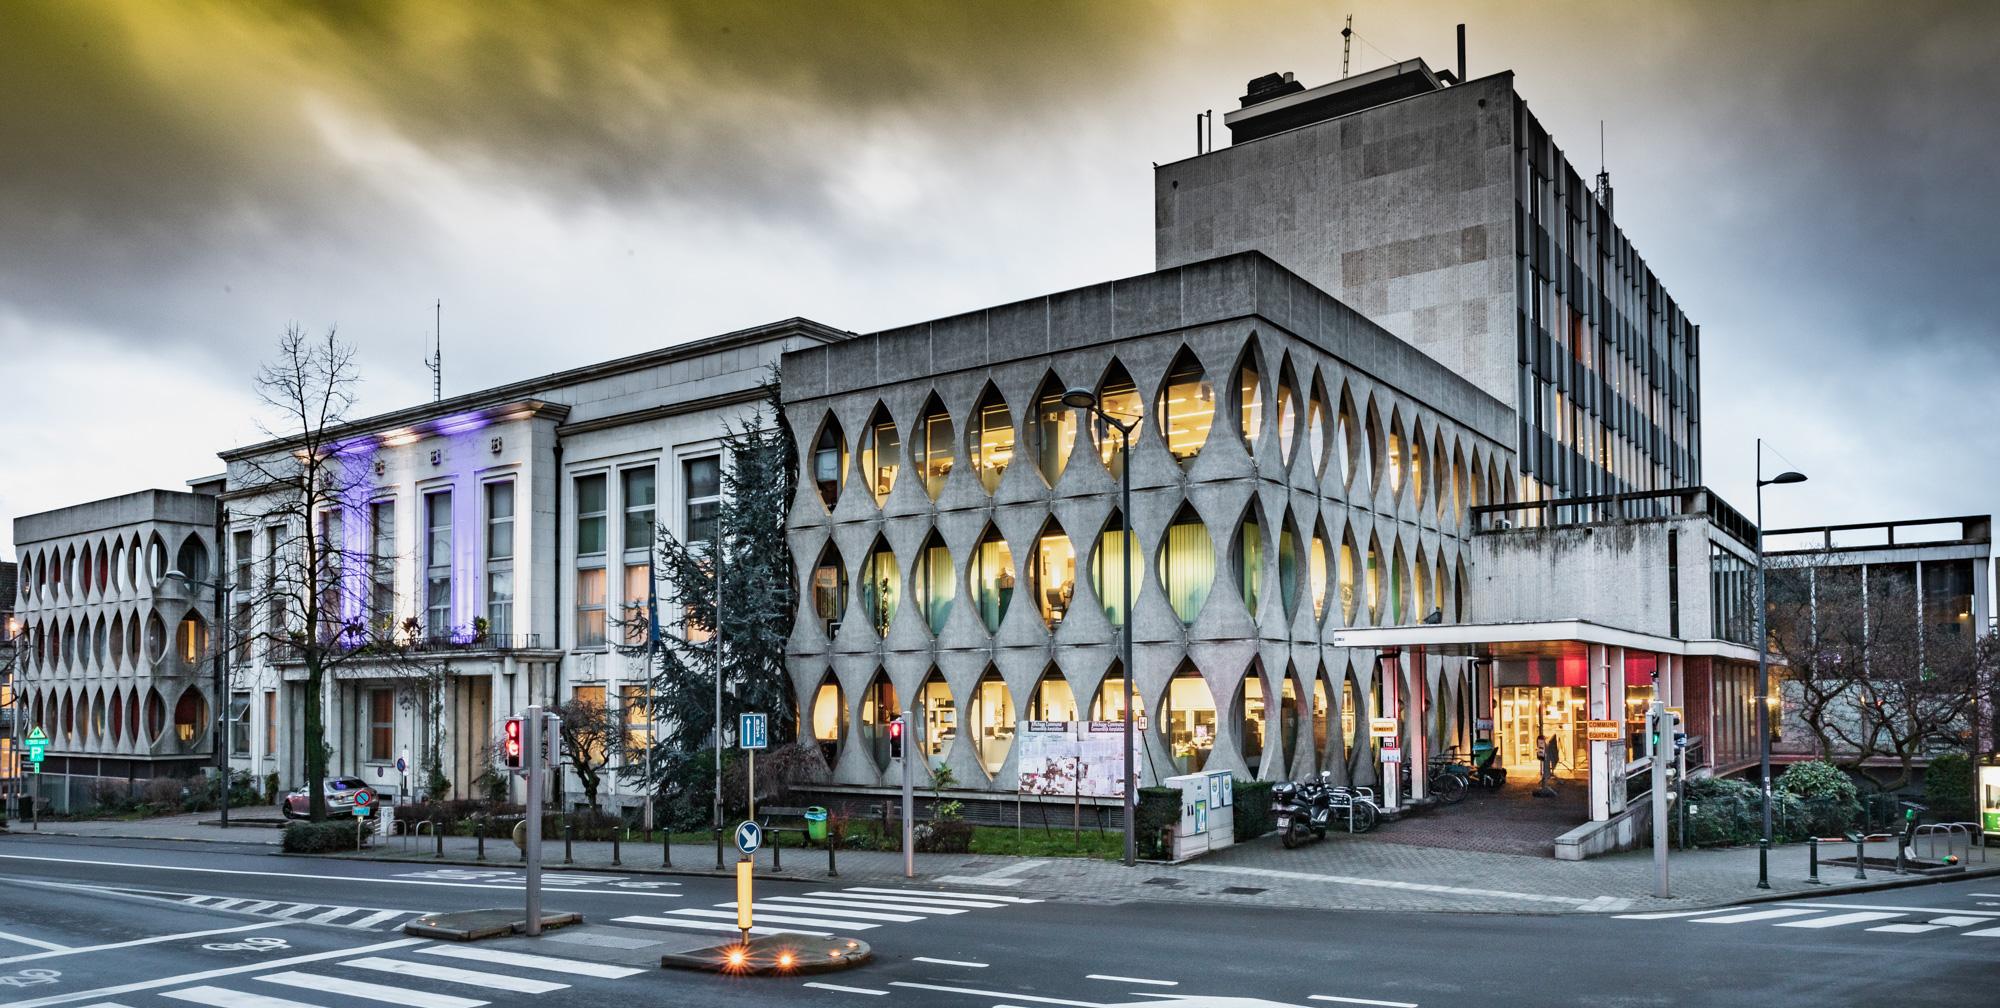 Hotel Communal de Etterbeek Avenue d'Auderghem par Bruno D'Alimonte